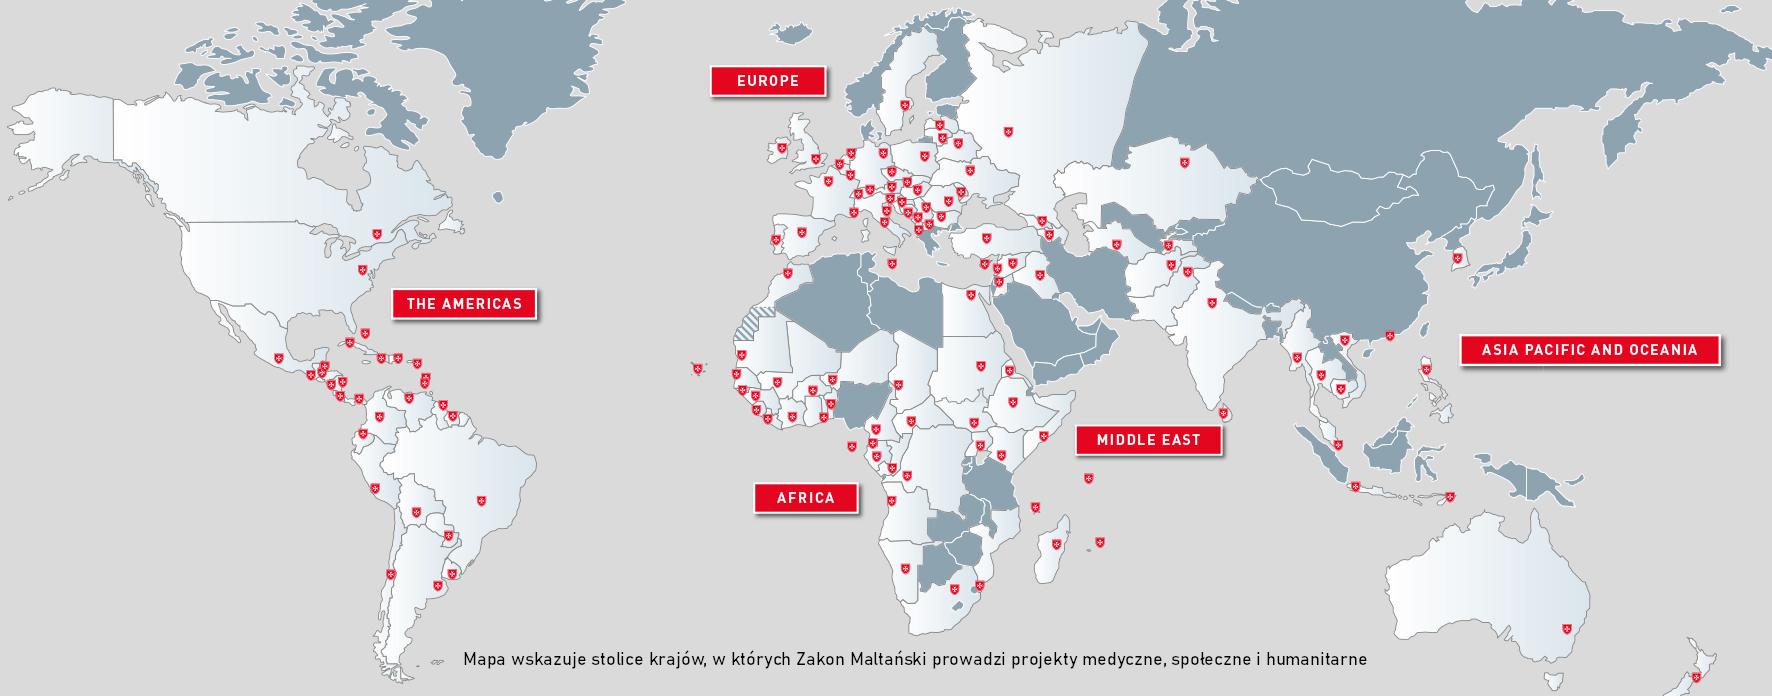 Działalność Zakonu Maltańskiego w 120 krajach